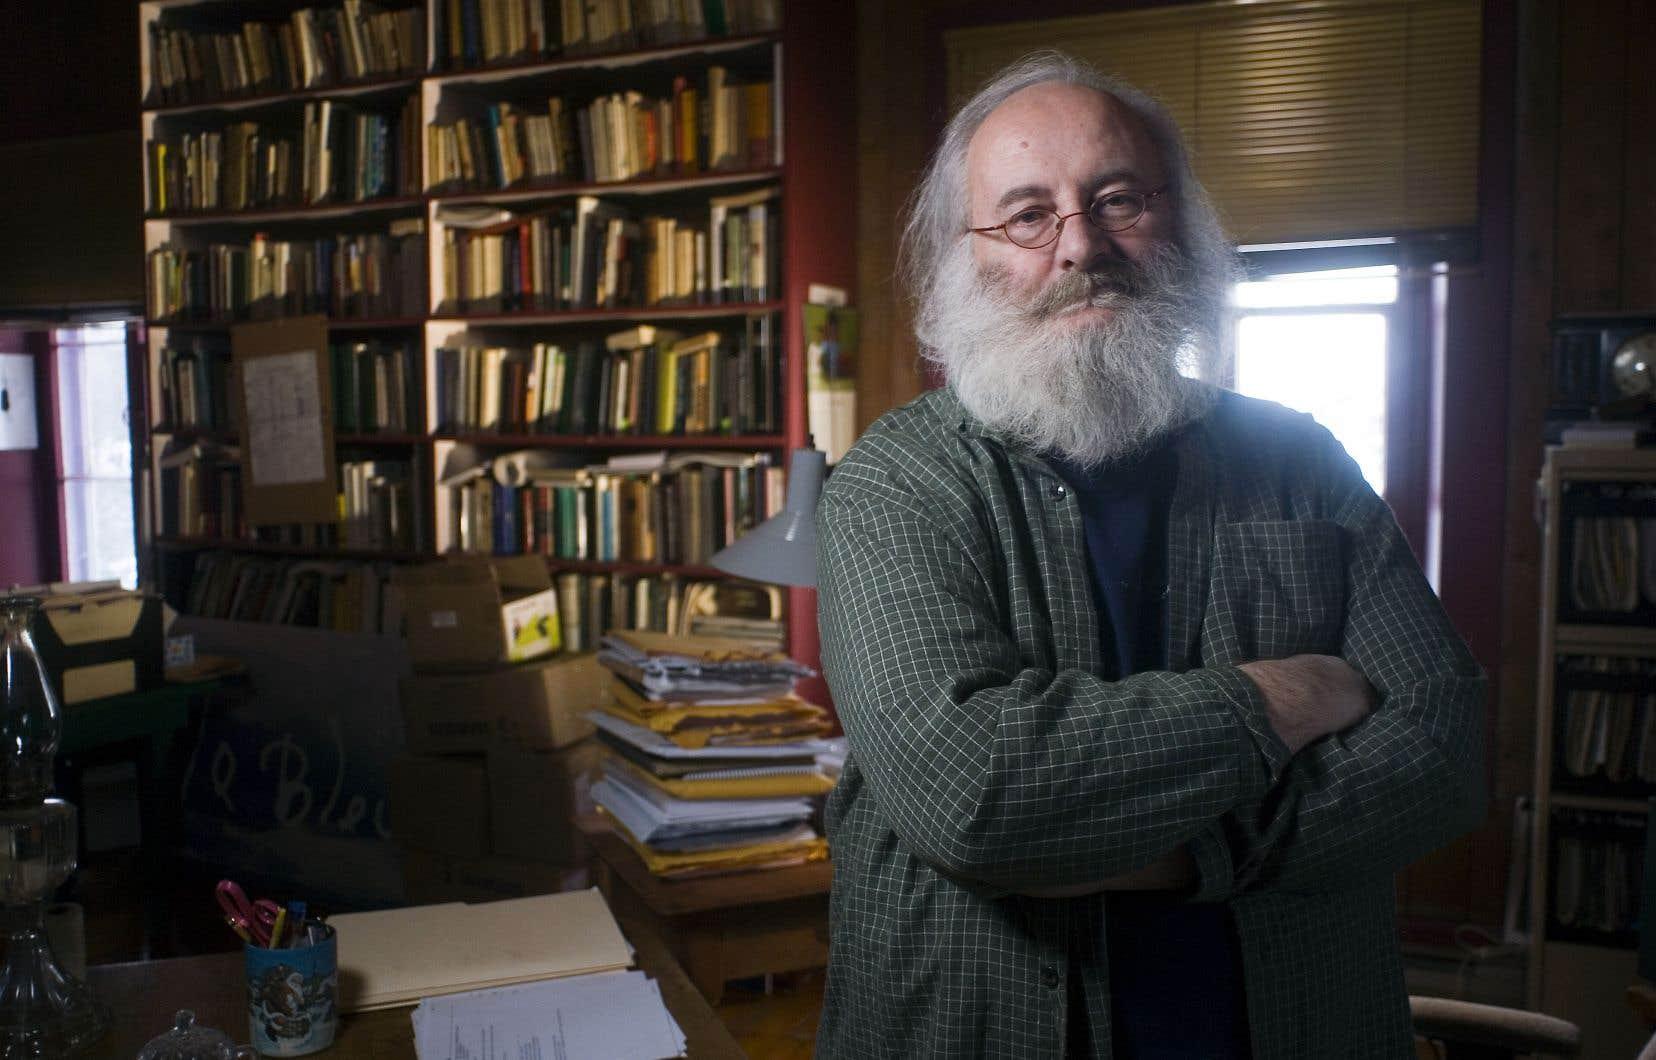 Le style ripailleur de Victor-Lévy Beaulieu (ici photographié en 2011) demeure la meilleure raison de s'engouffrer dans les dédales de sa pléthorique bibliothèque, croit le professeur de littérature Michel Nareau.